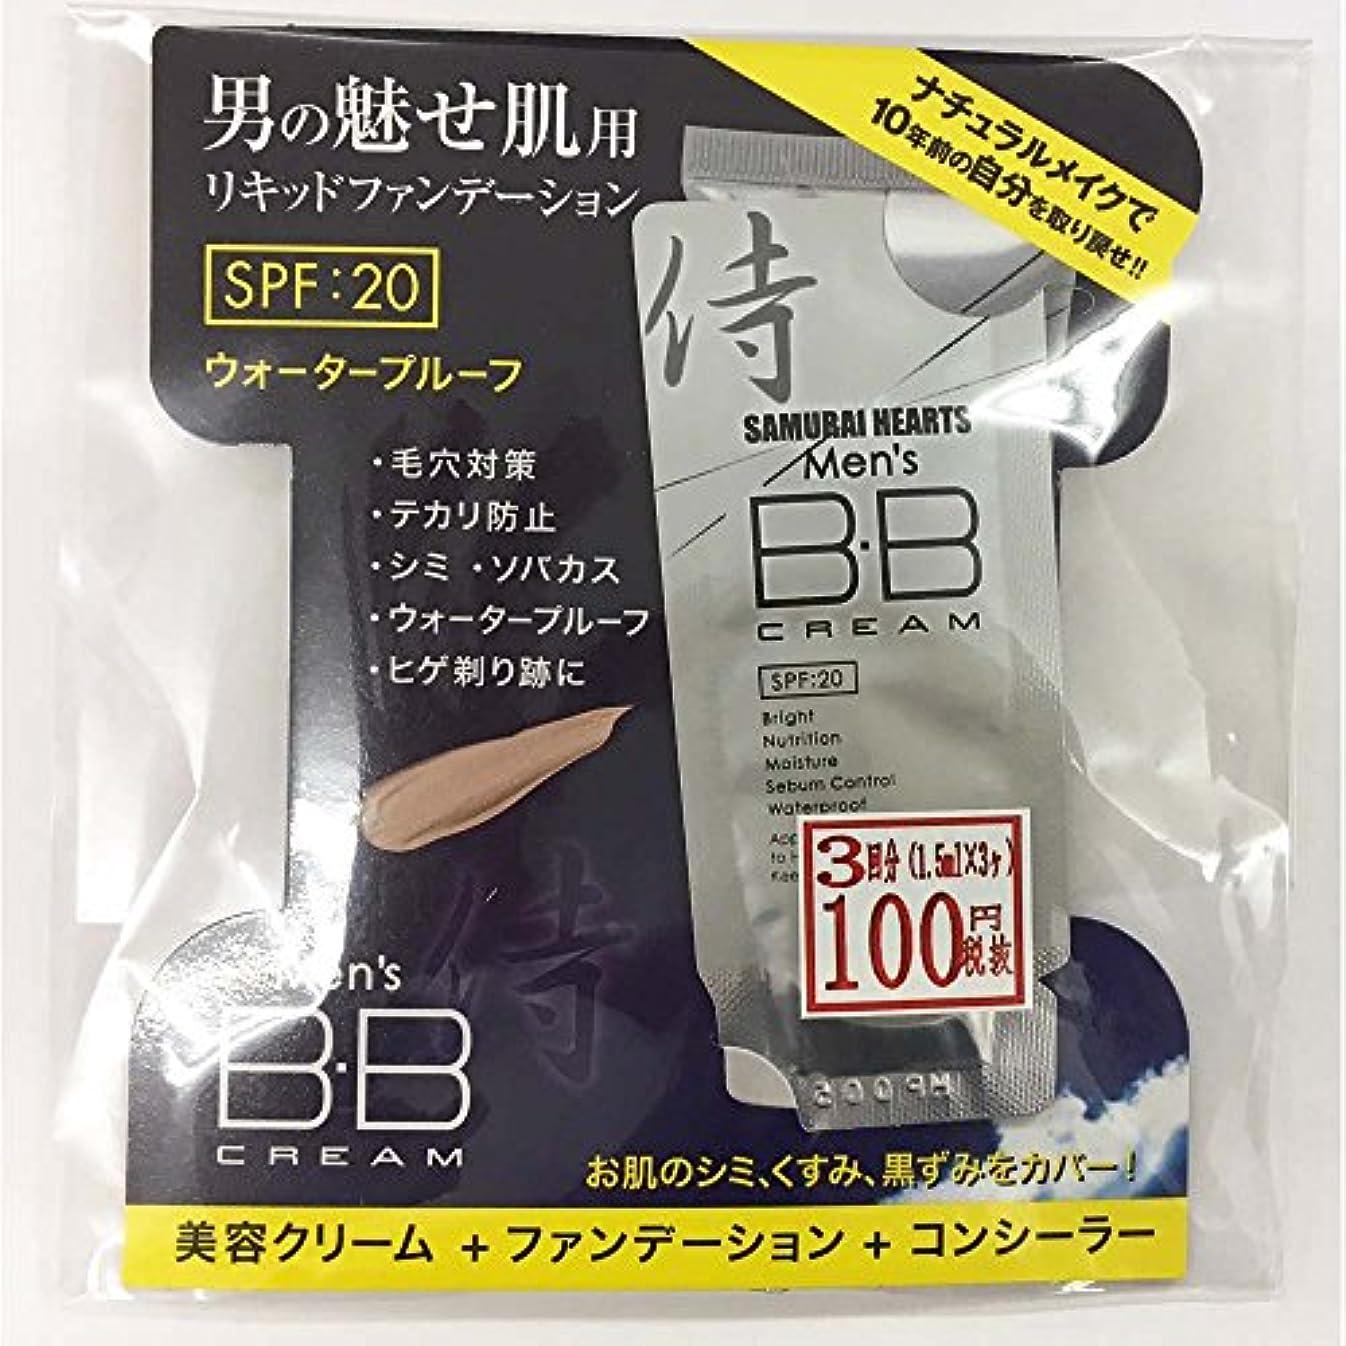 発信読みやすい息切れサムライハーツ BBクリーム SPF20 パウチ1.5ml 3枚入 お試し用